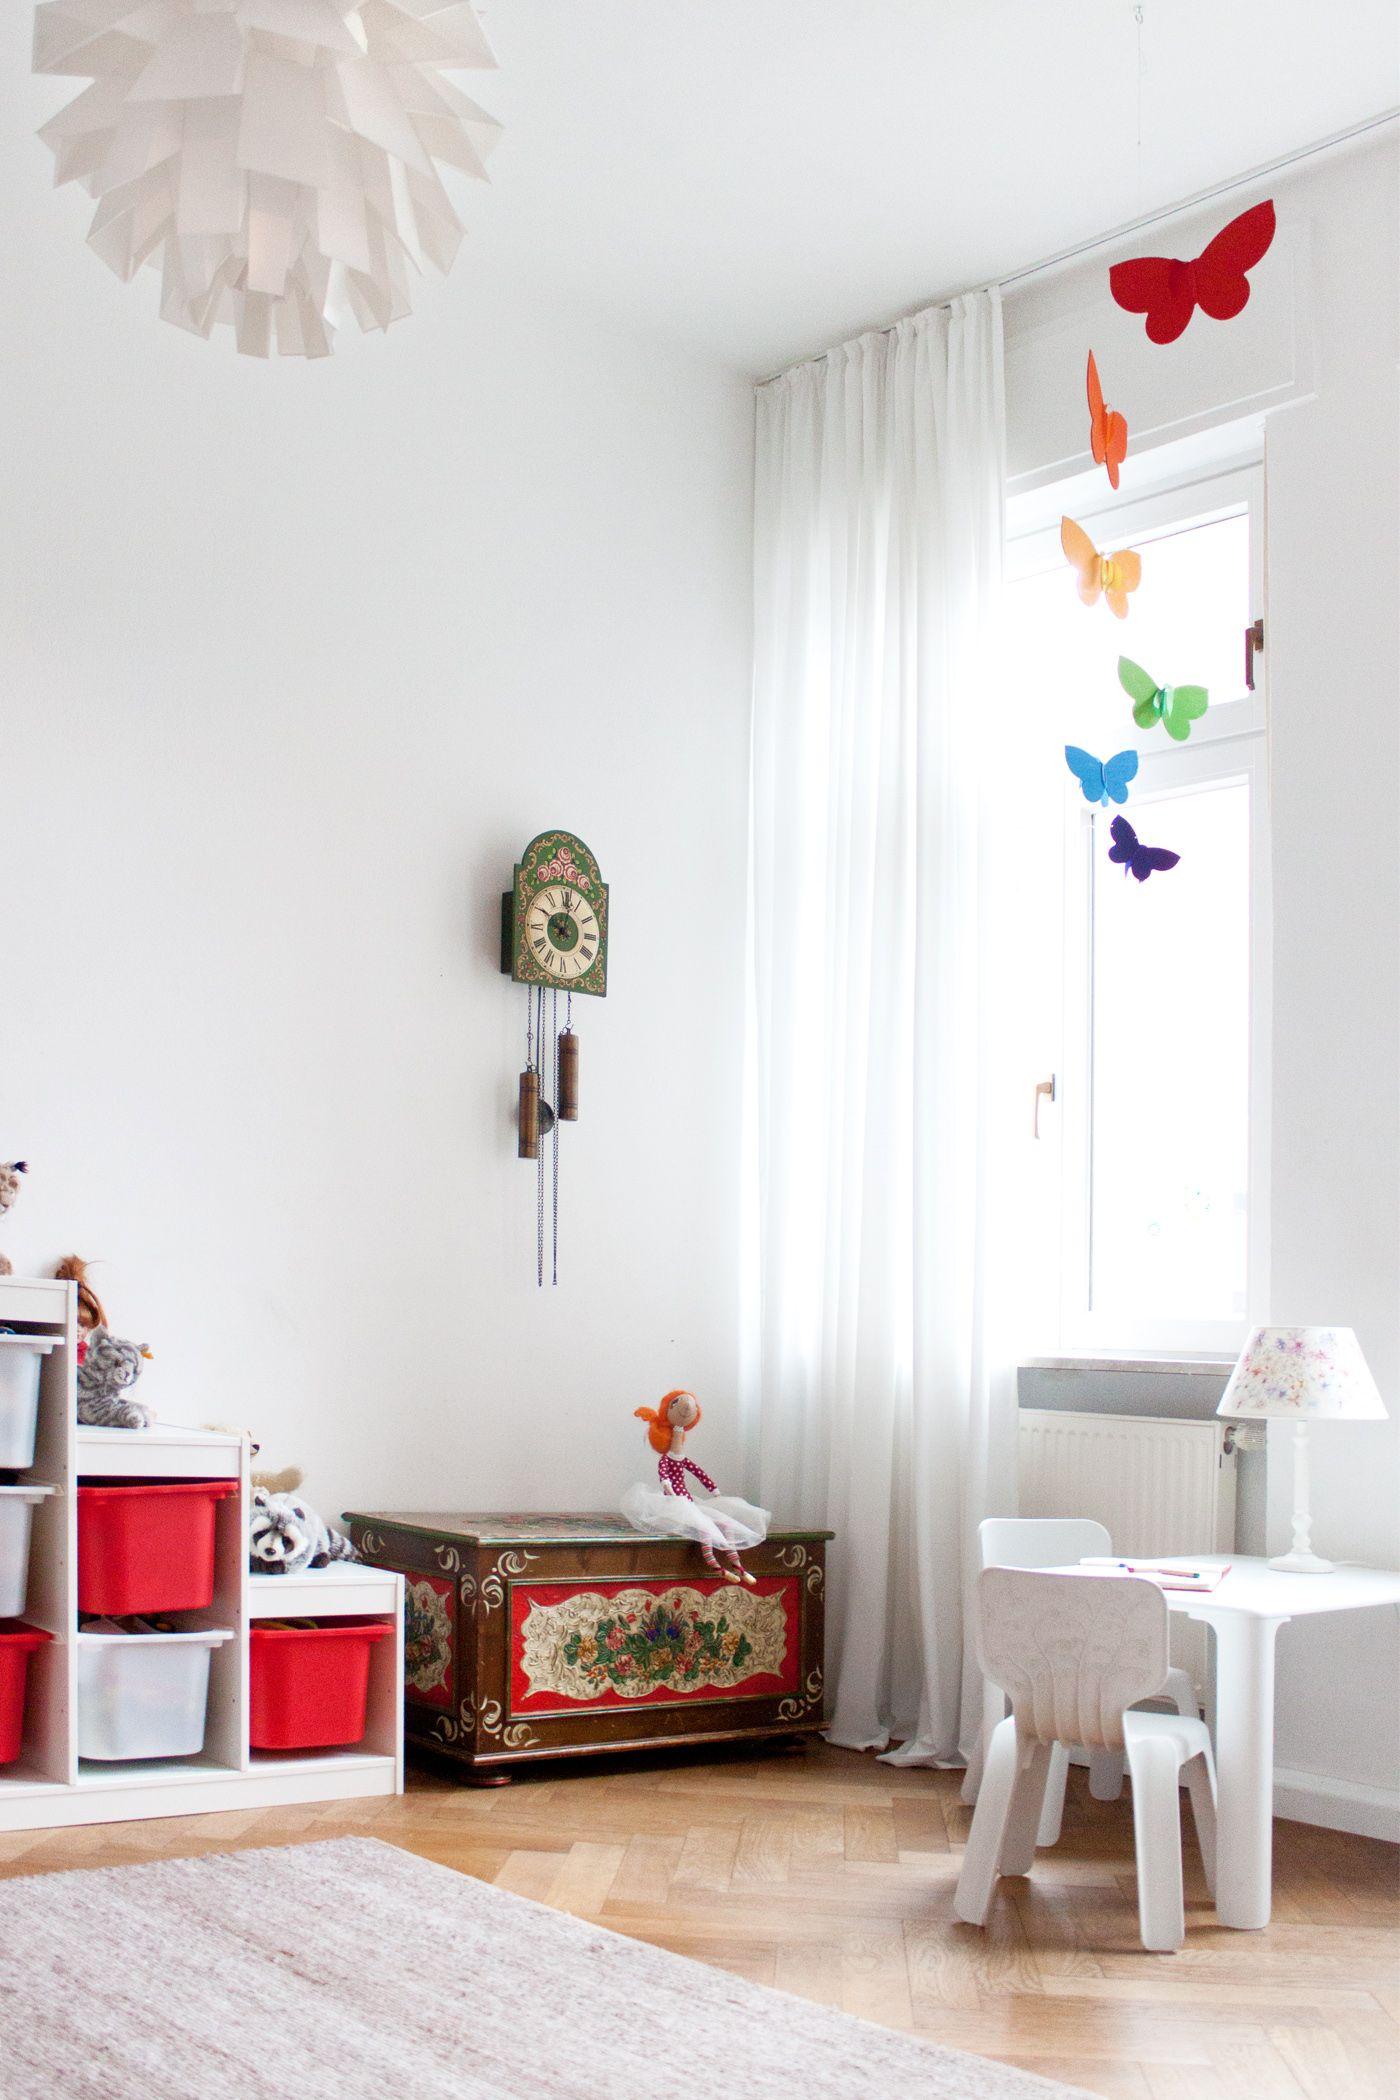 Interior children's room / Kinderzimmer antike